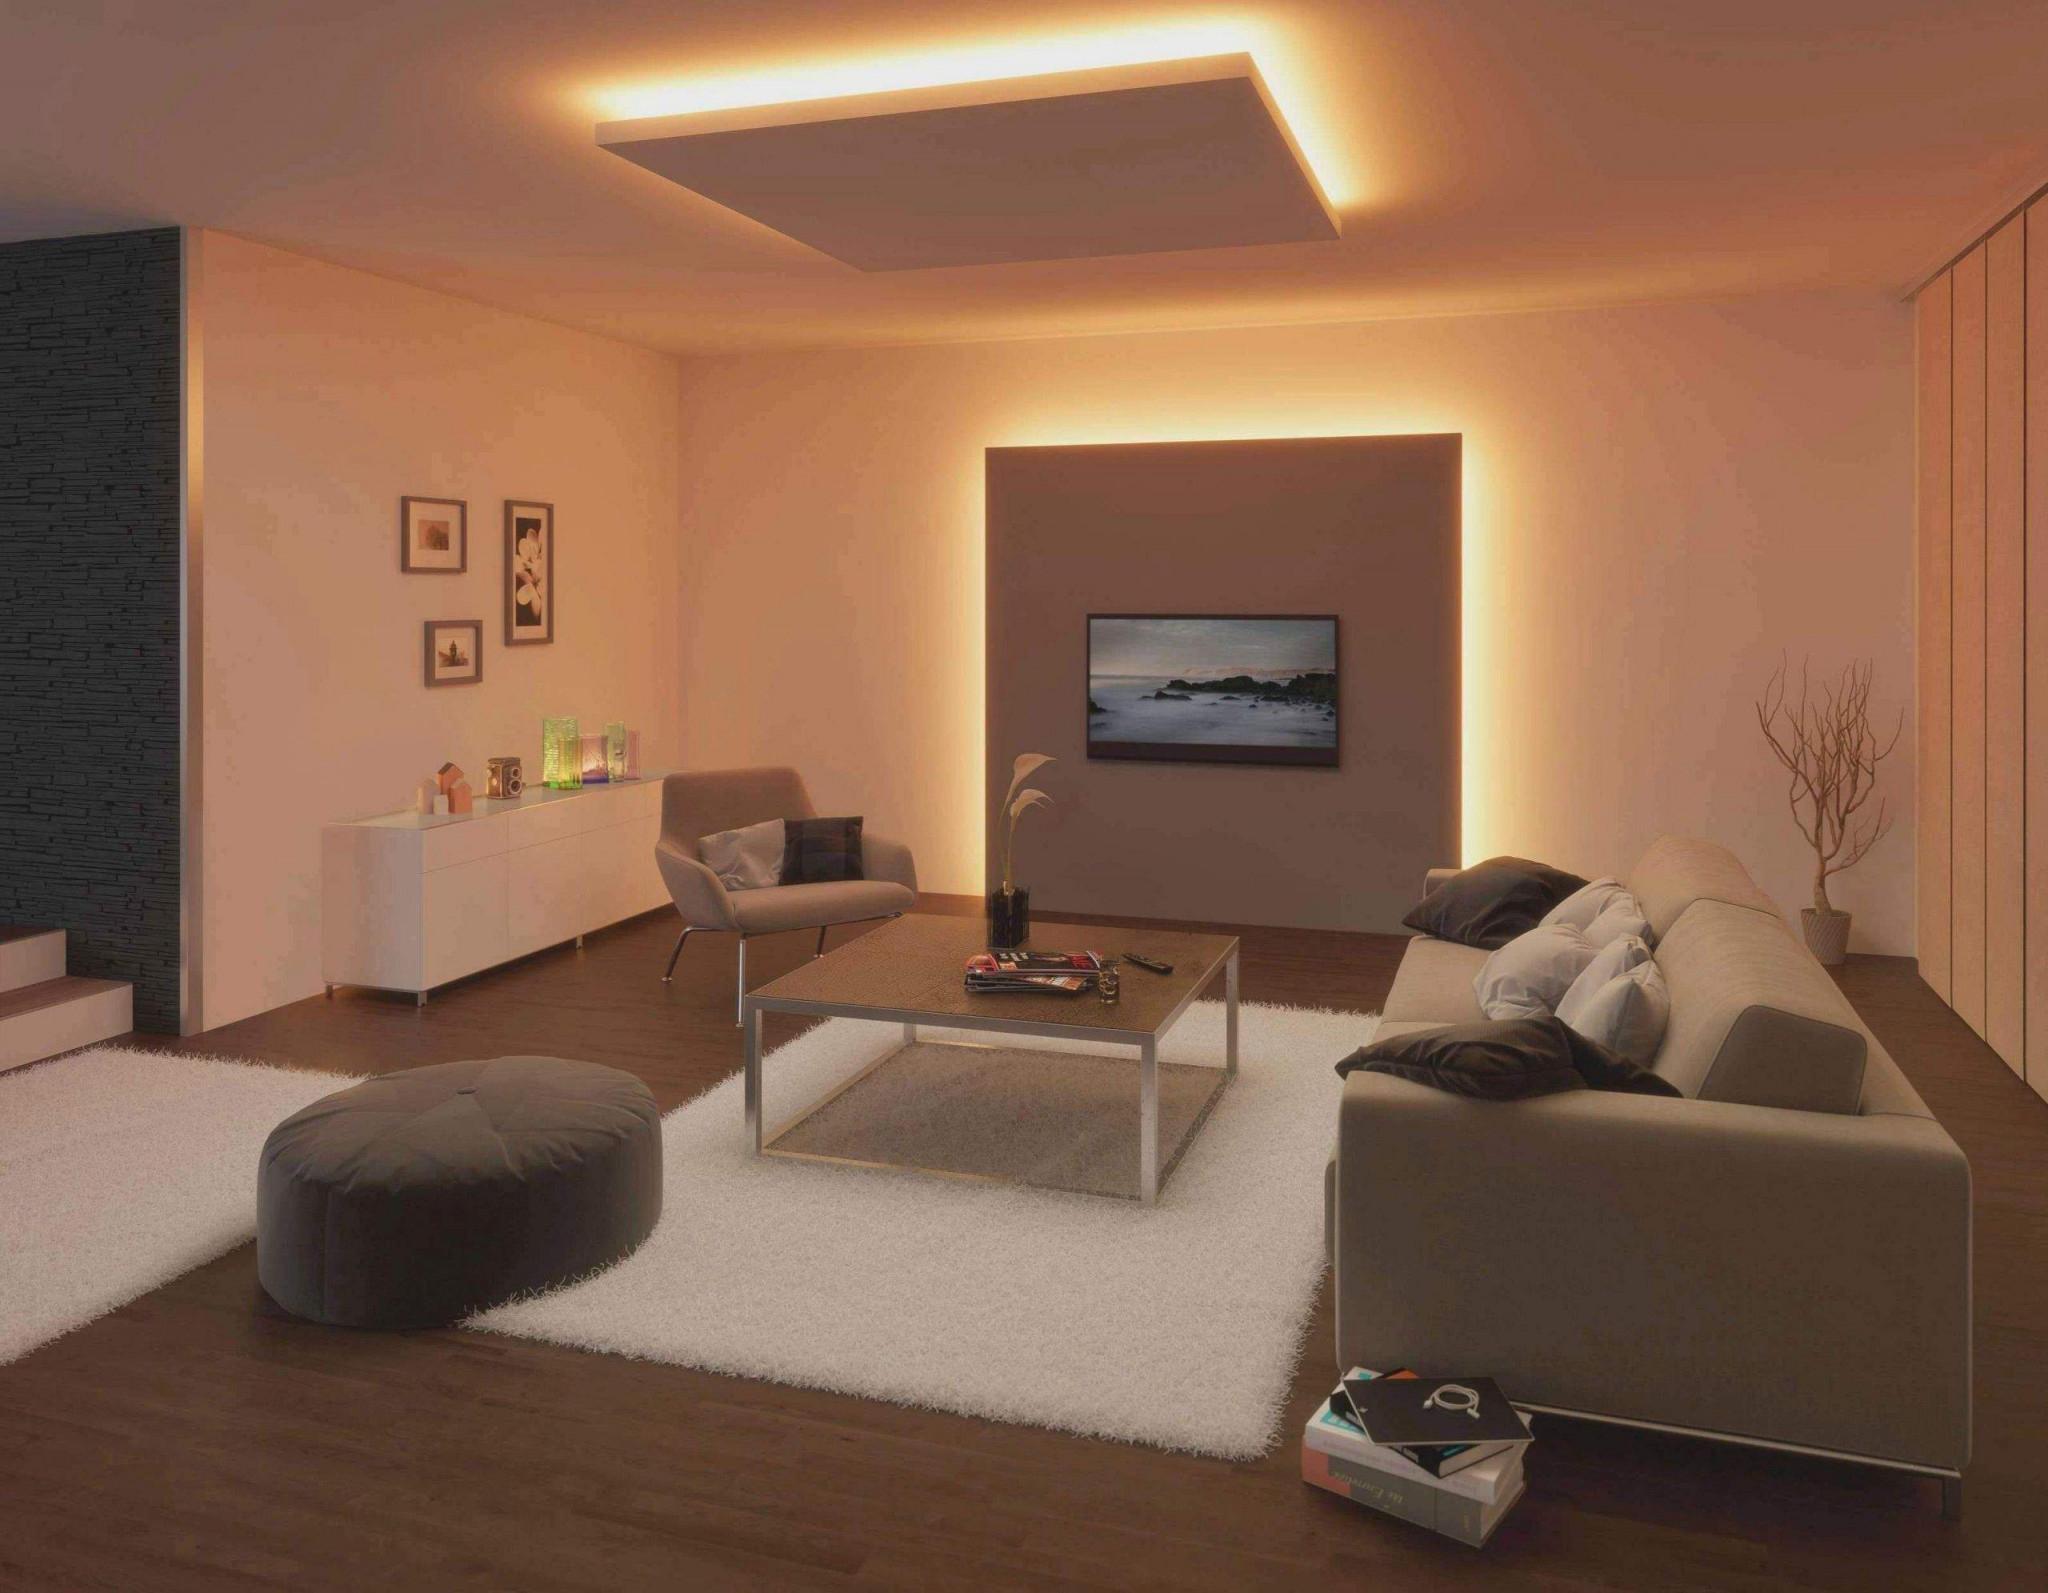 30 Schön Gestaltungsideen Wohnzimmer Das Beste Von von Gestaltung Wohnzimmer Ideen Bild